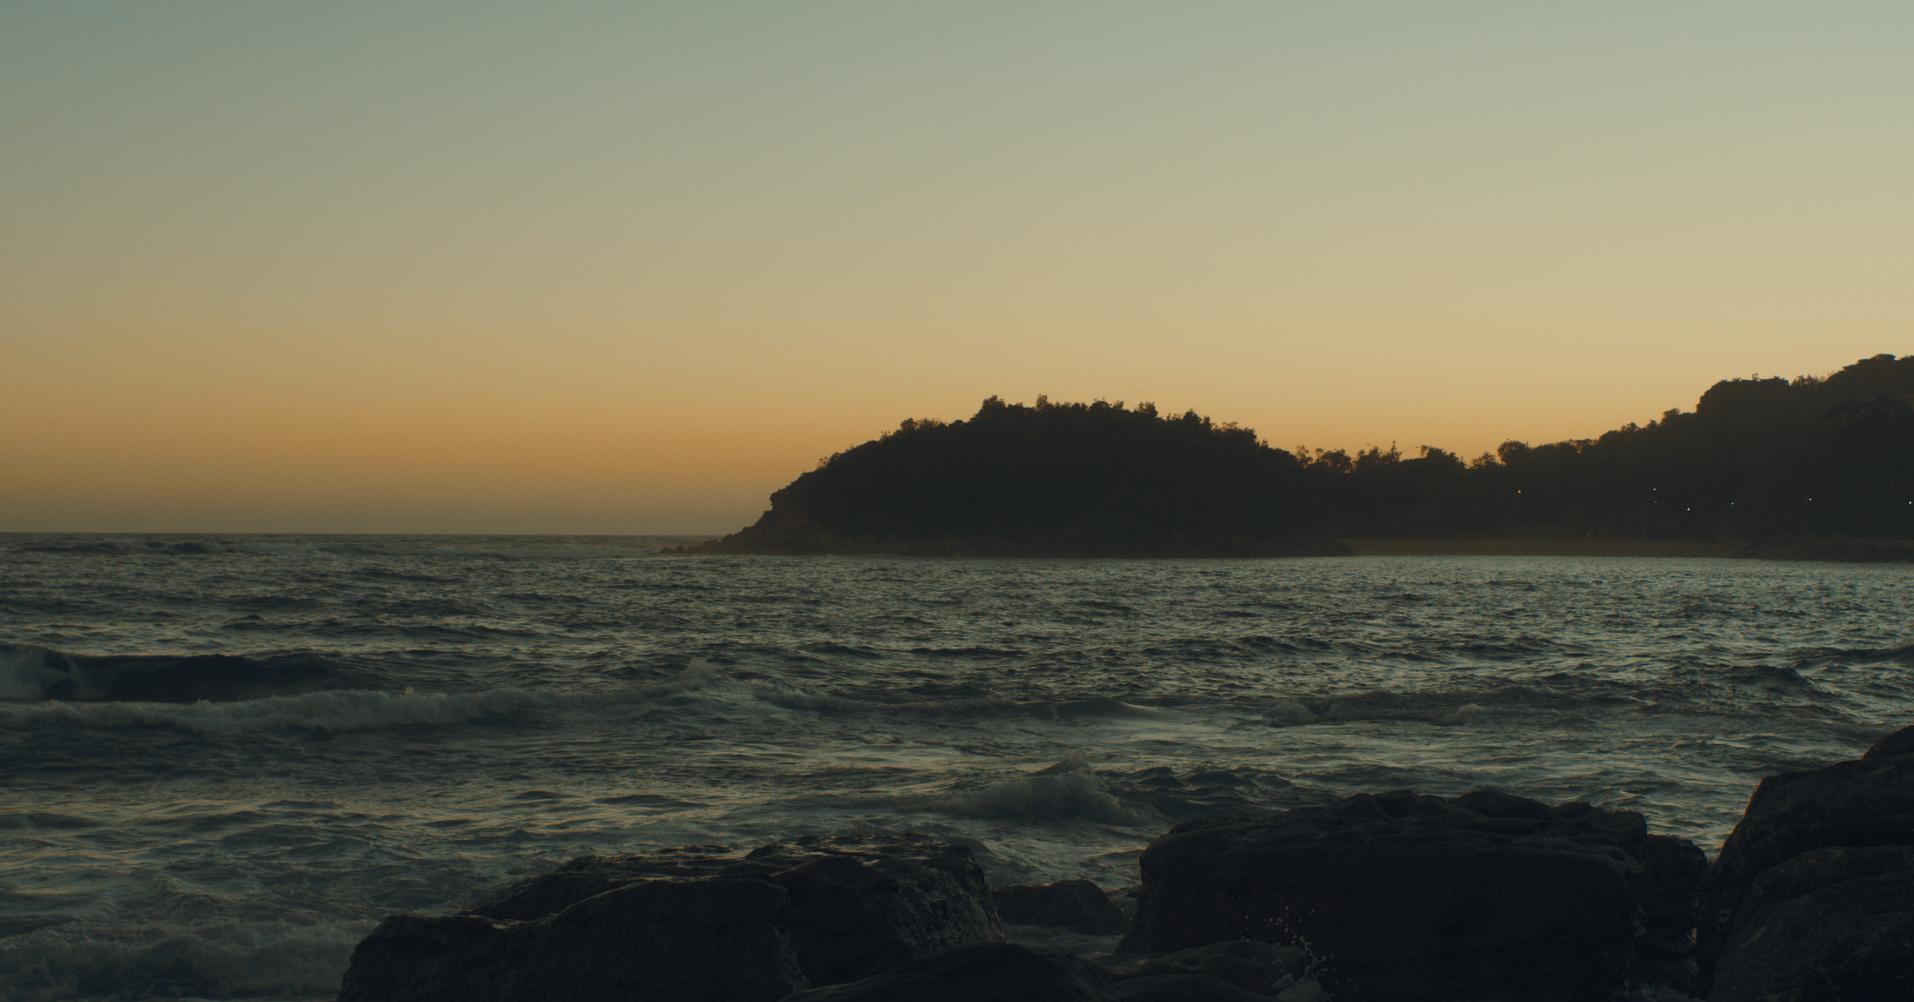 Screen Shot 2014-01-16 at 9.20.28 AM.png